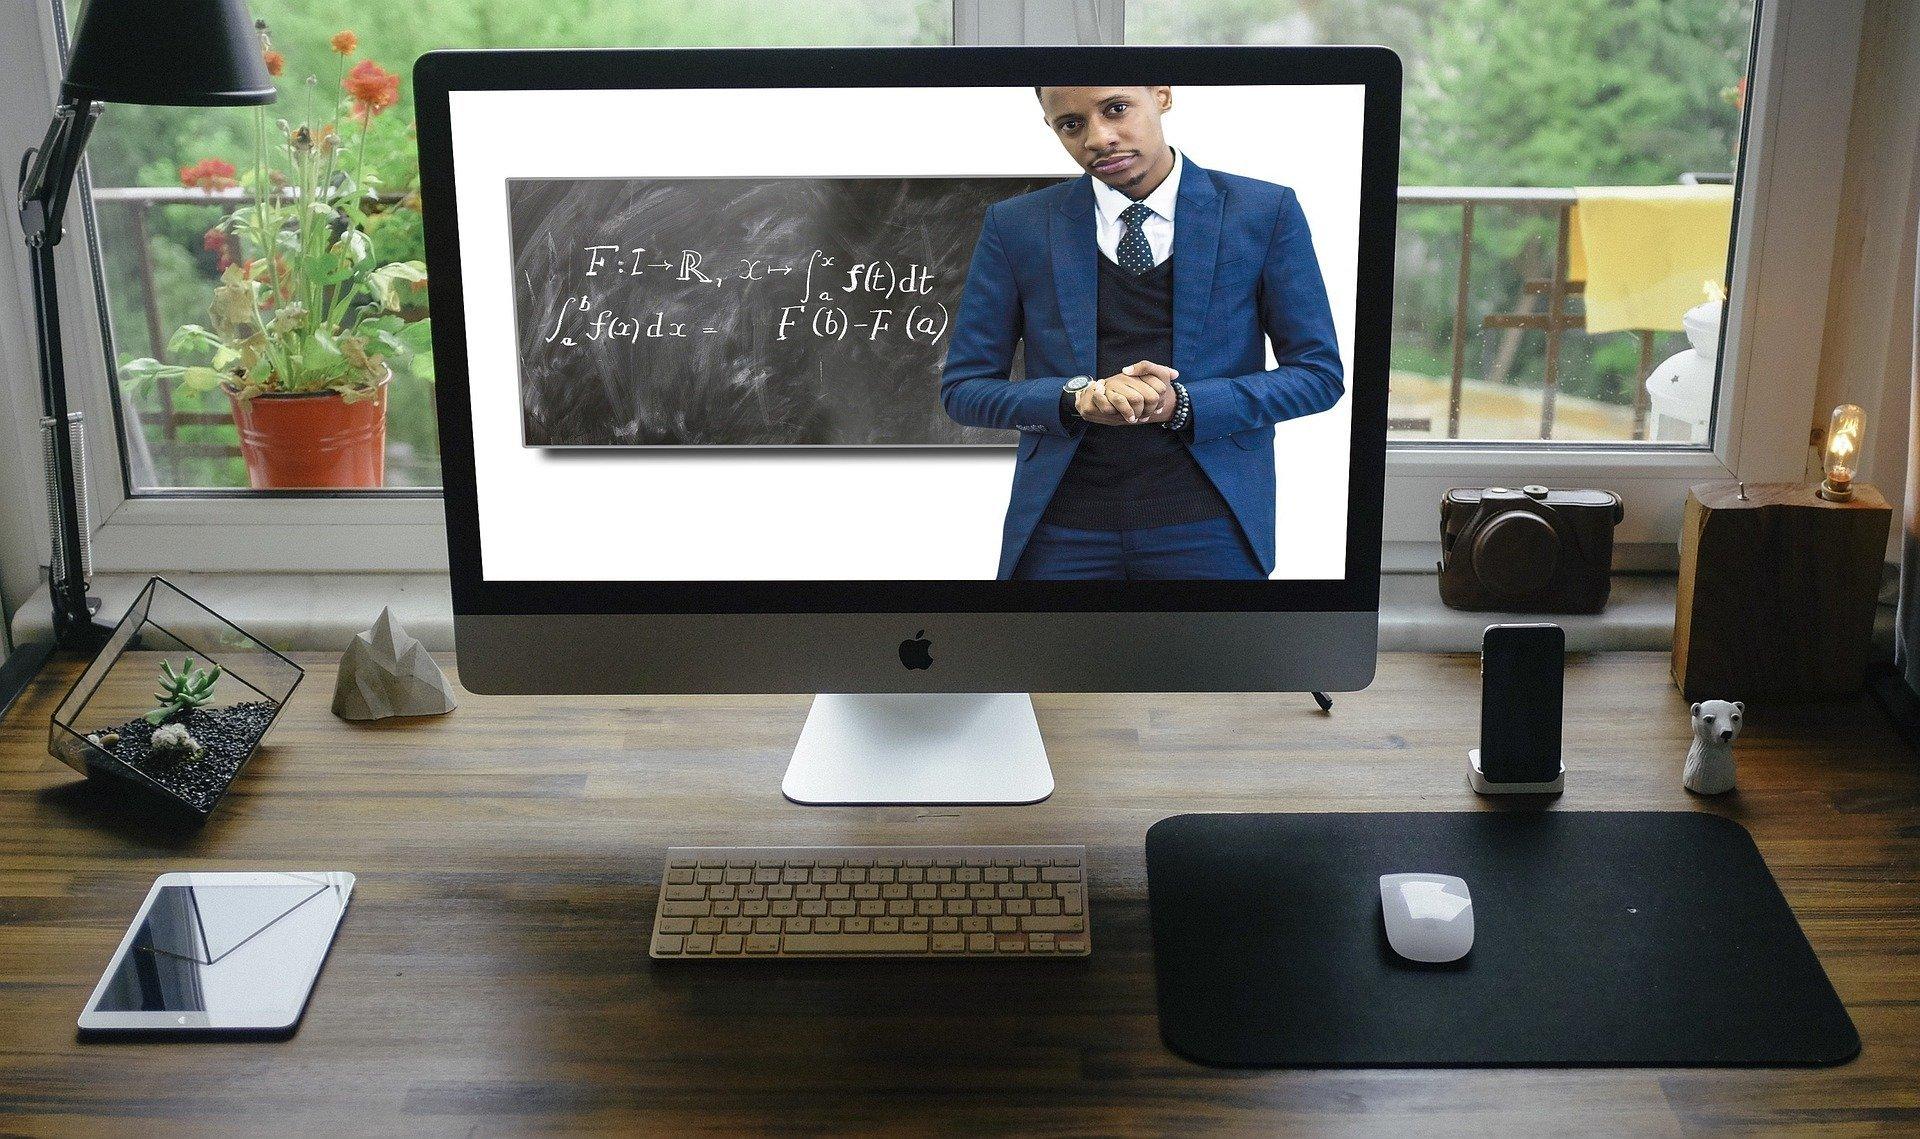 Conozca los beneficios que trae el aprendizaje virtual